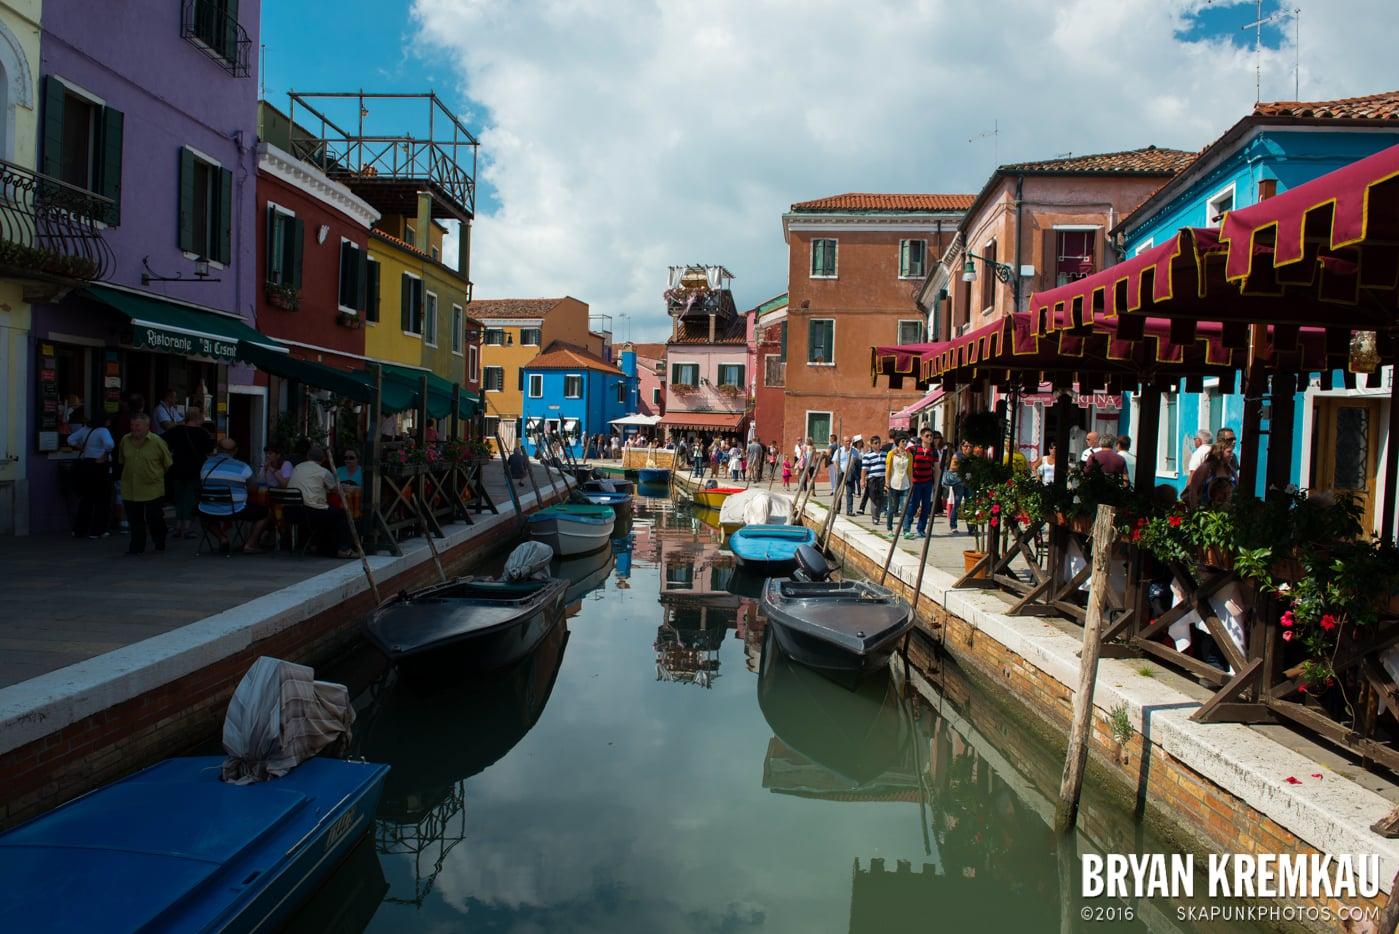 Italy Vacation - Day 6: Murano, Burano, Venice - 9.14.13 (68)